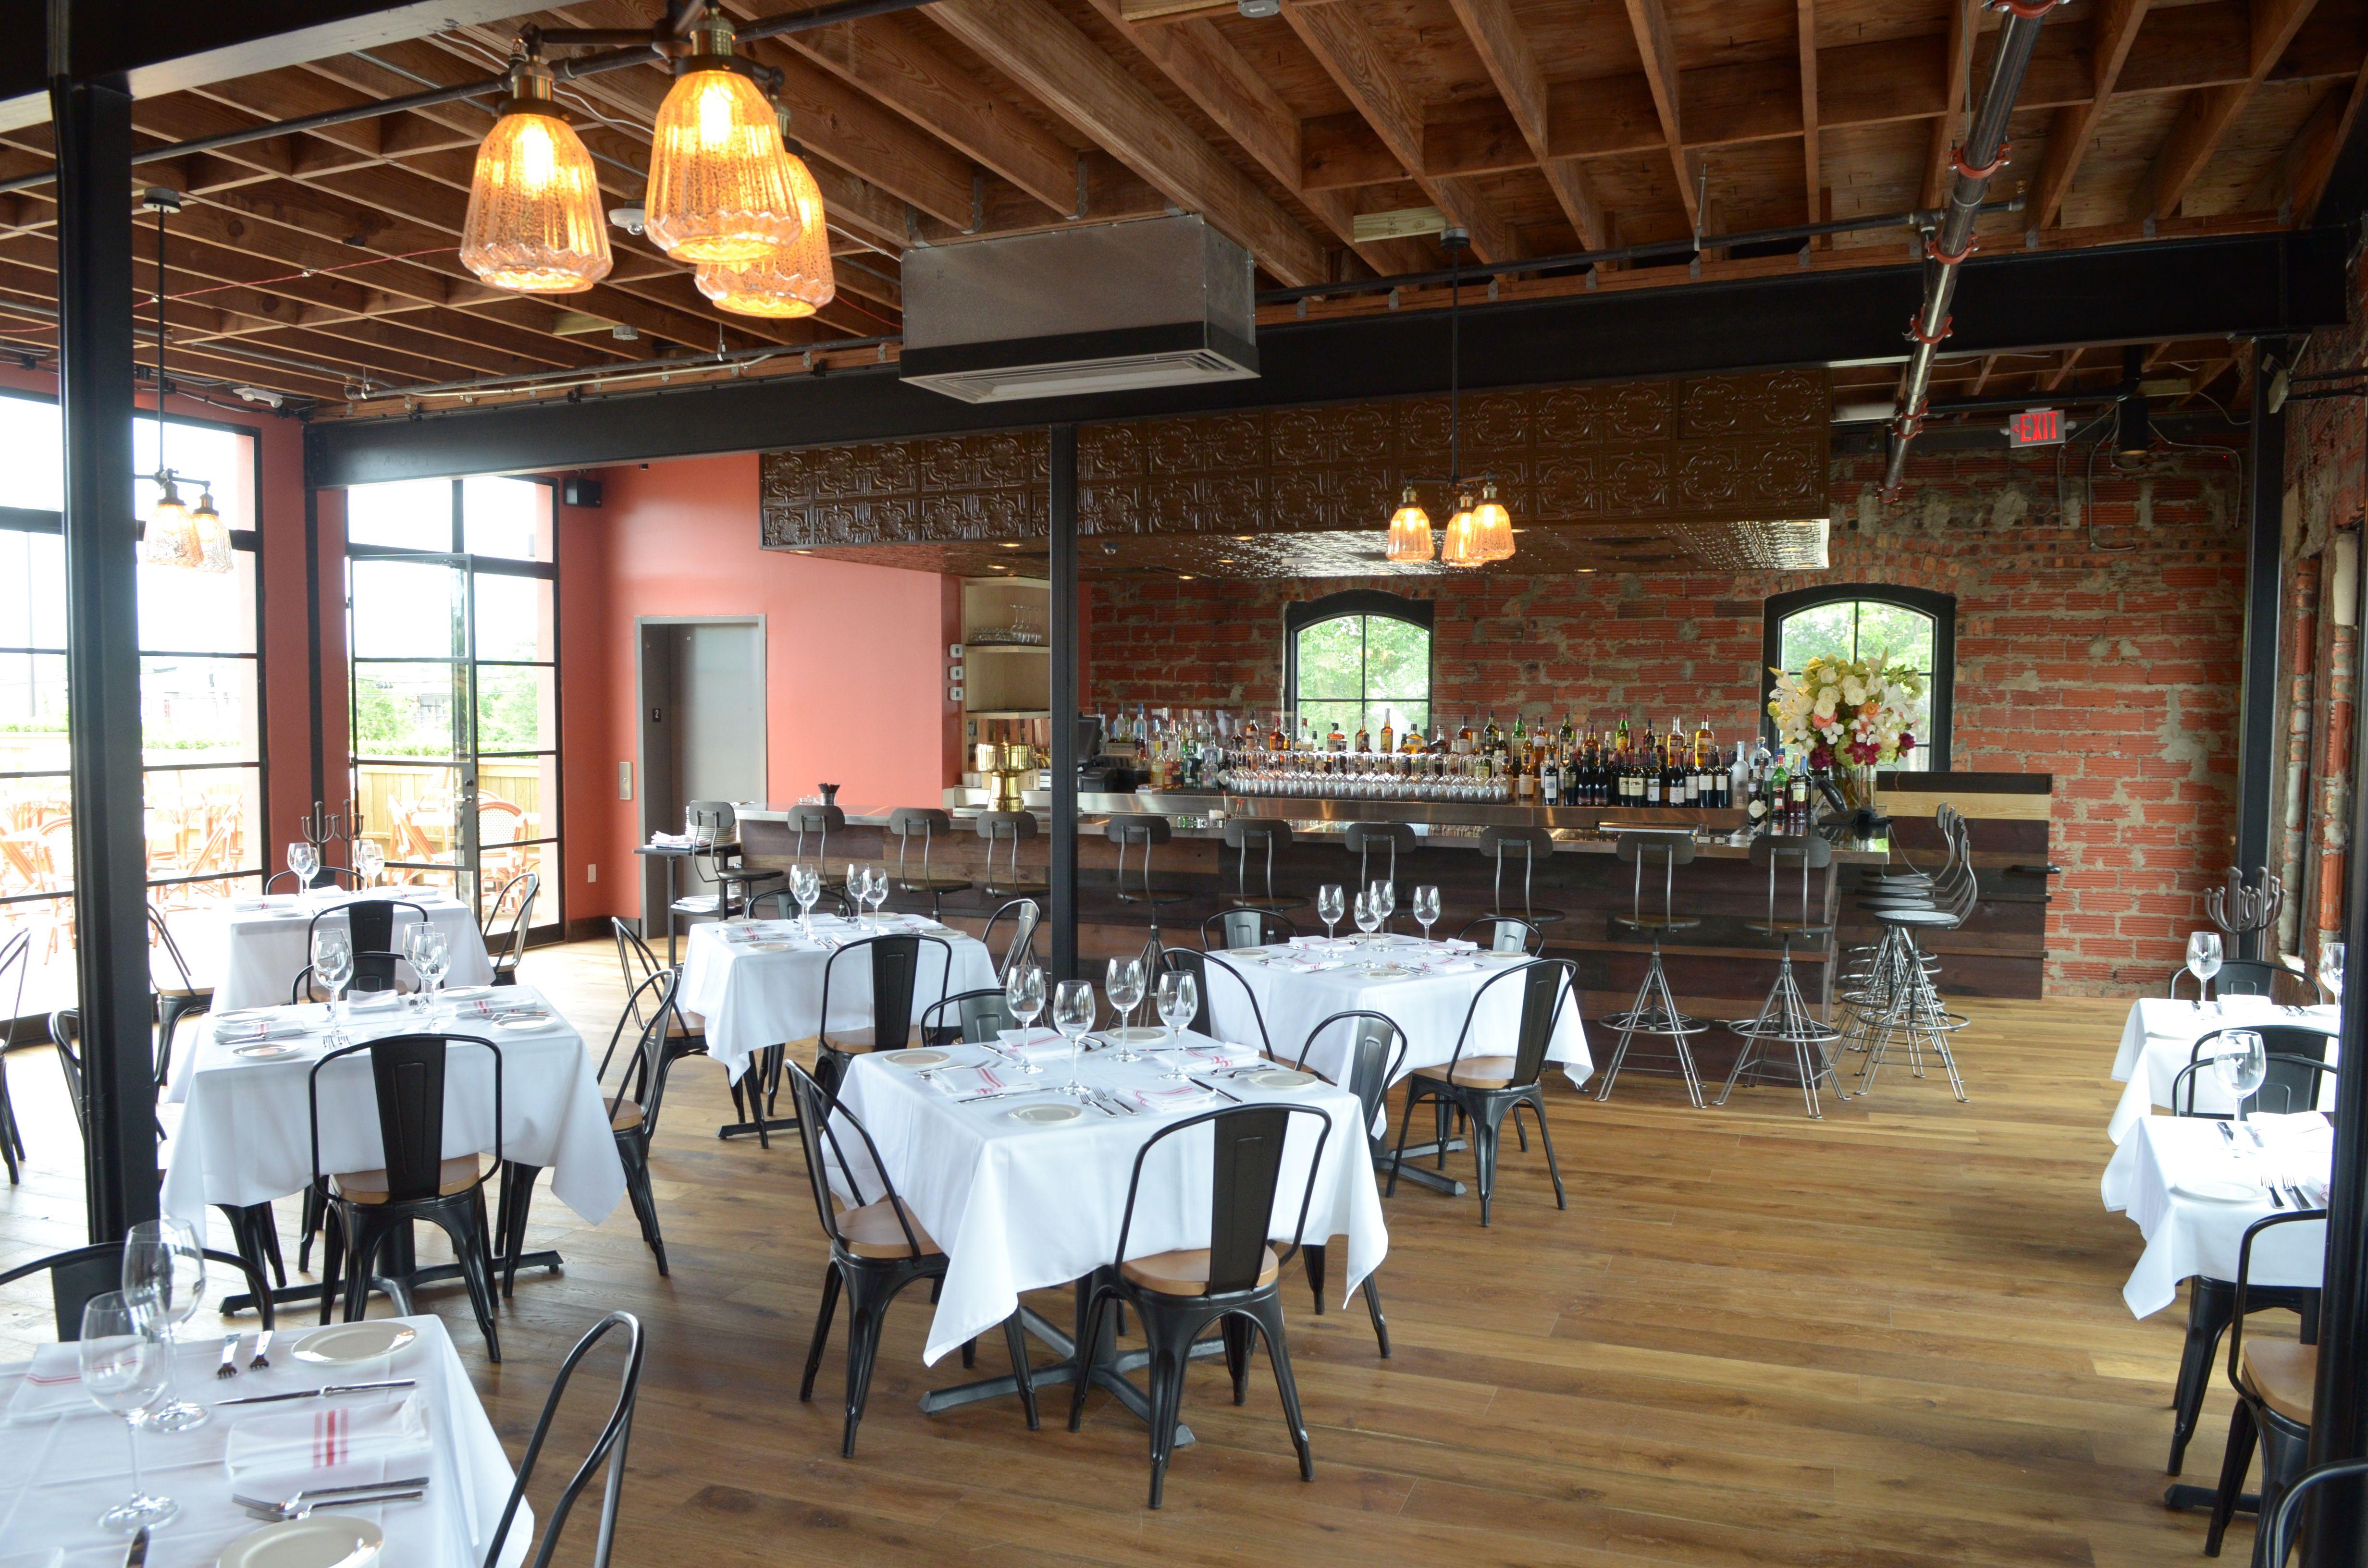 The Best Restaurants In Houston Texas Best Restaurants Near Me